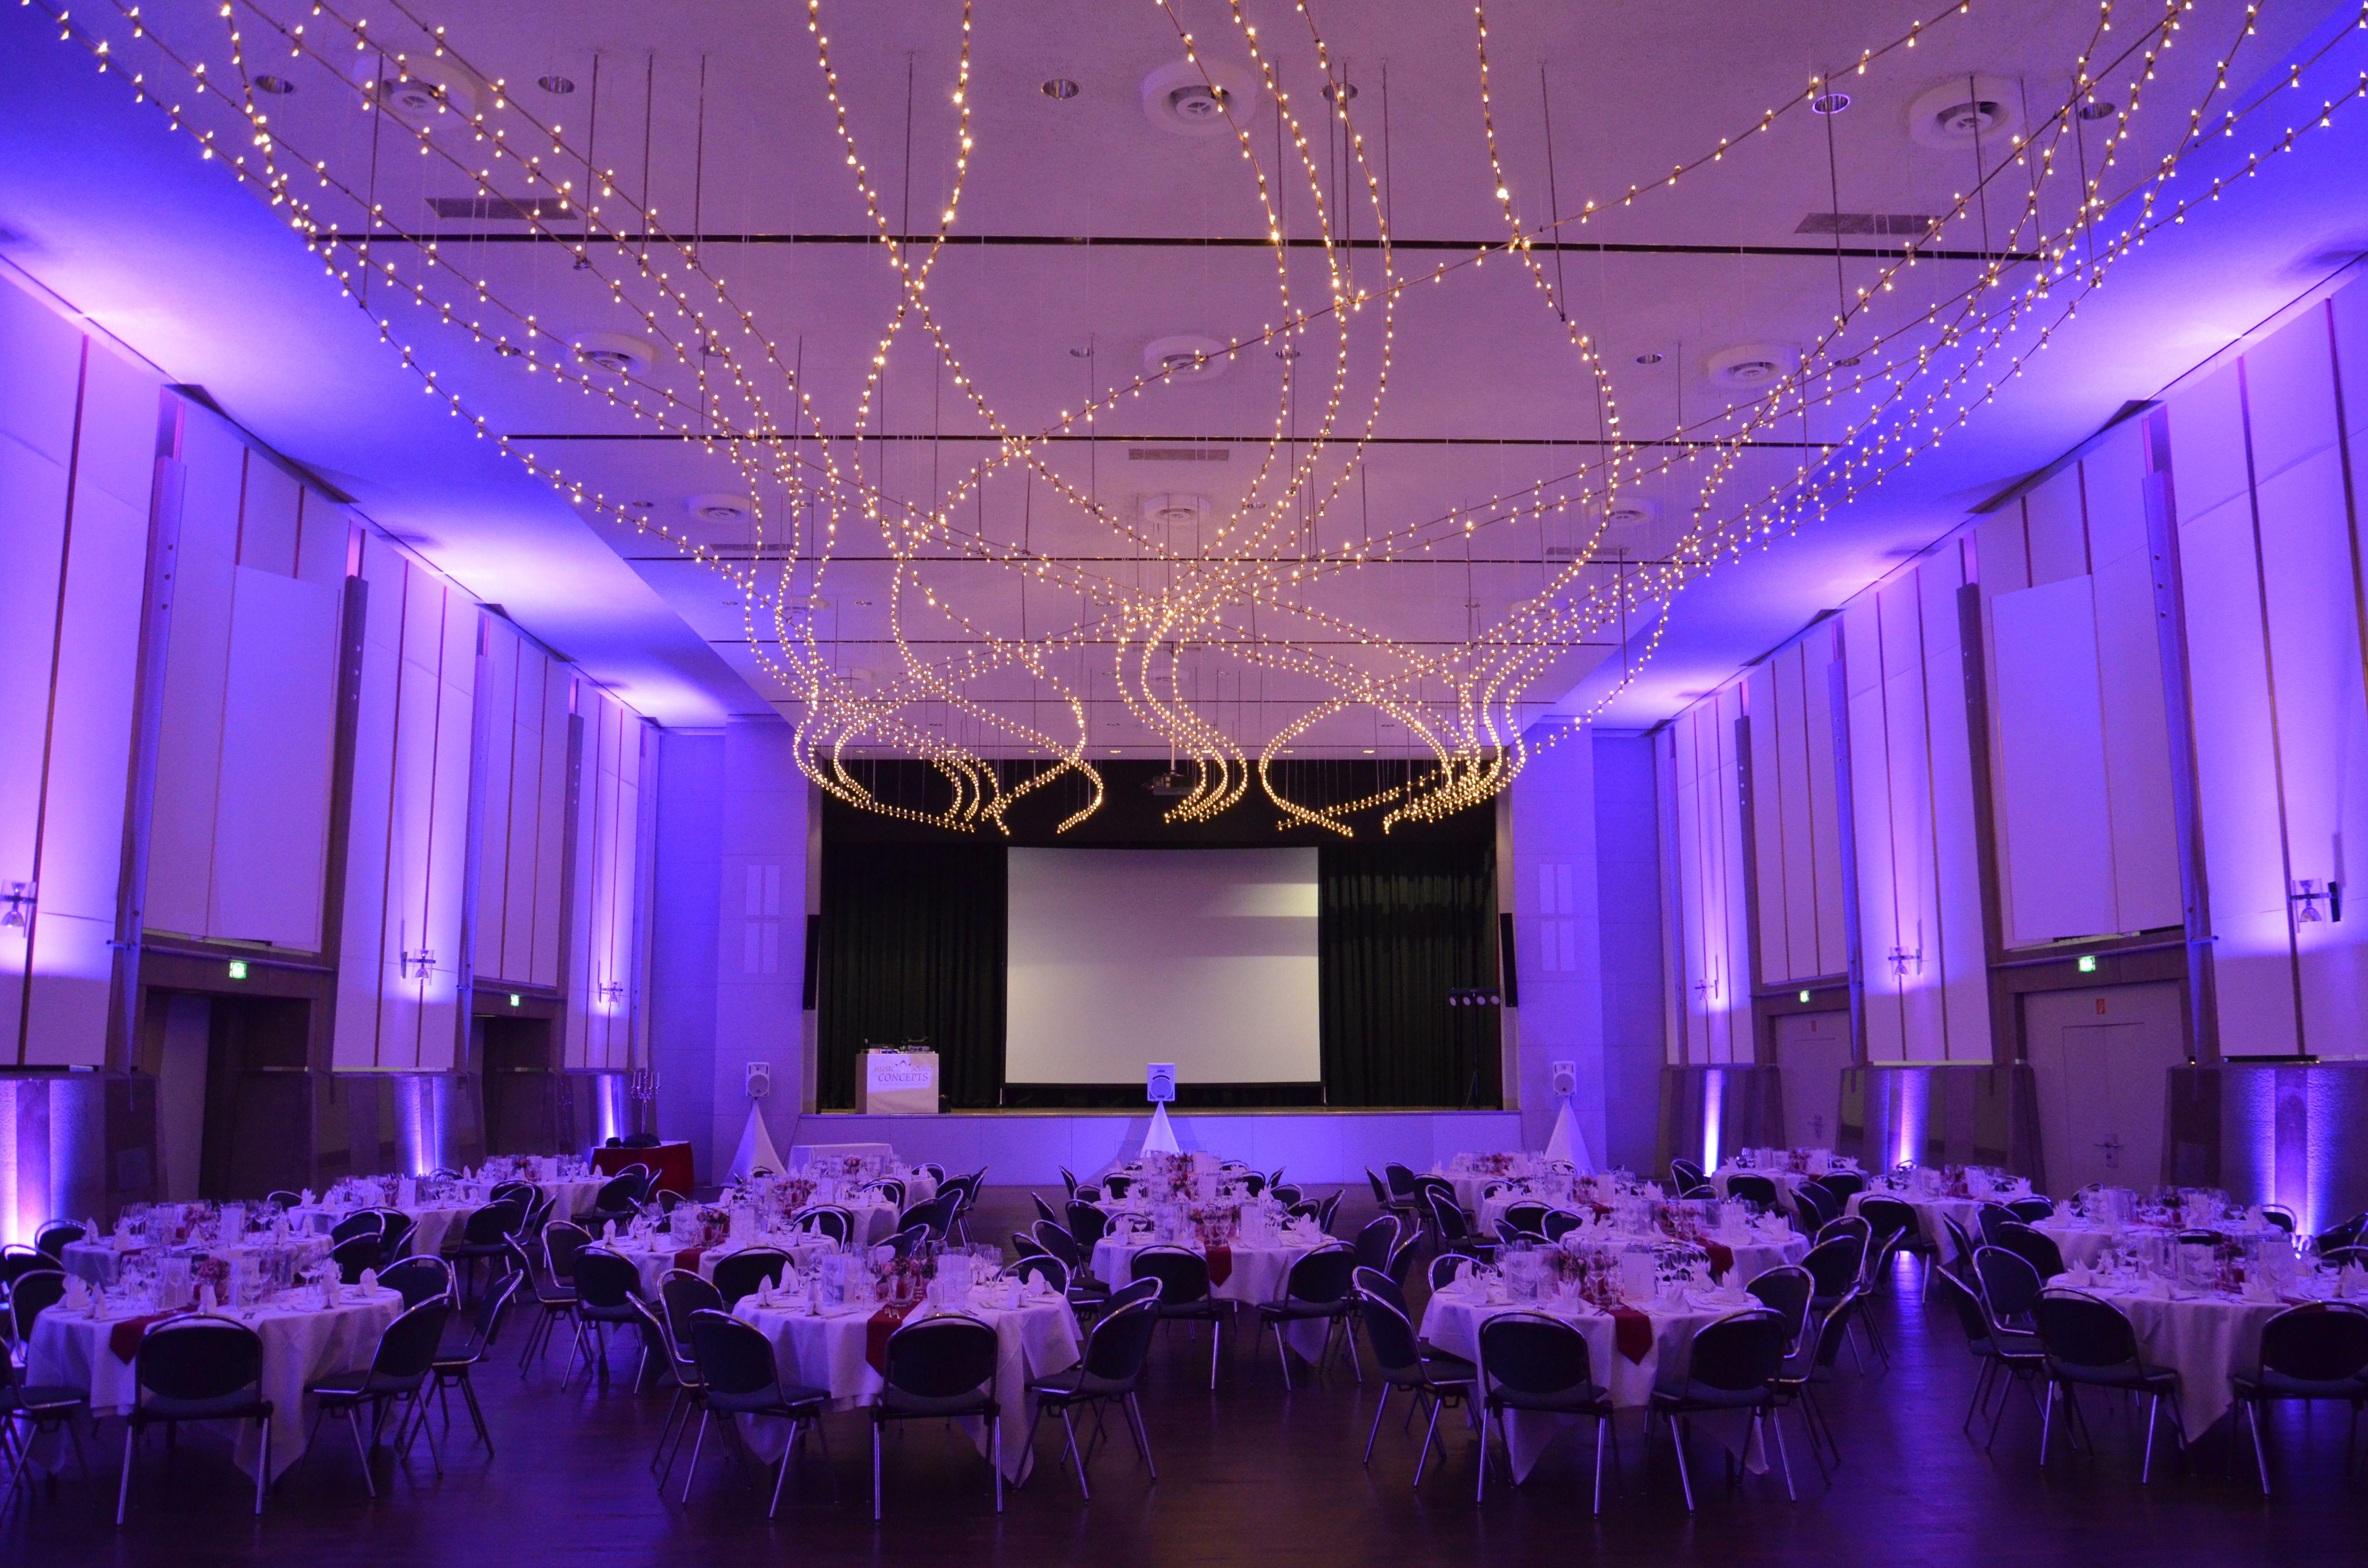 Hochzeit in der Villa Au in Velbert Langenberg mit Musik & Beleuchtung made by Music Sound Concepts Pinterest